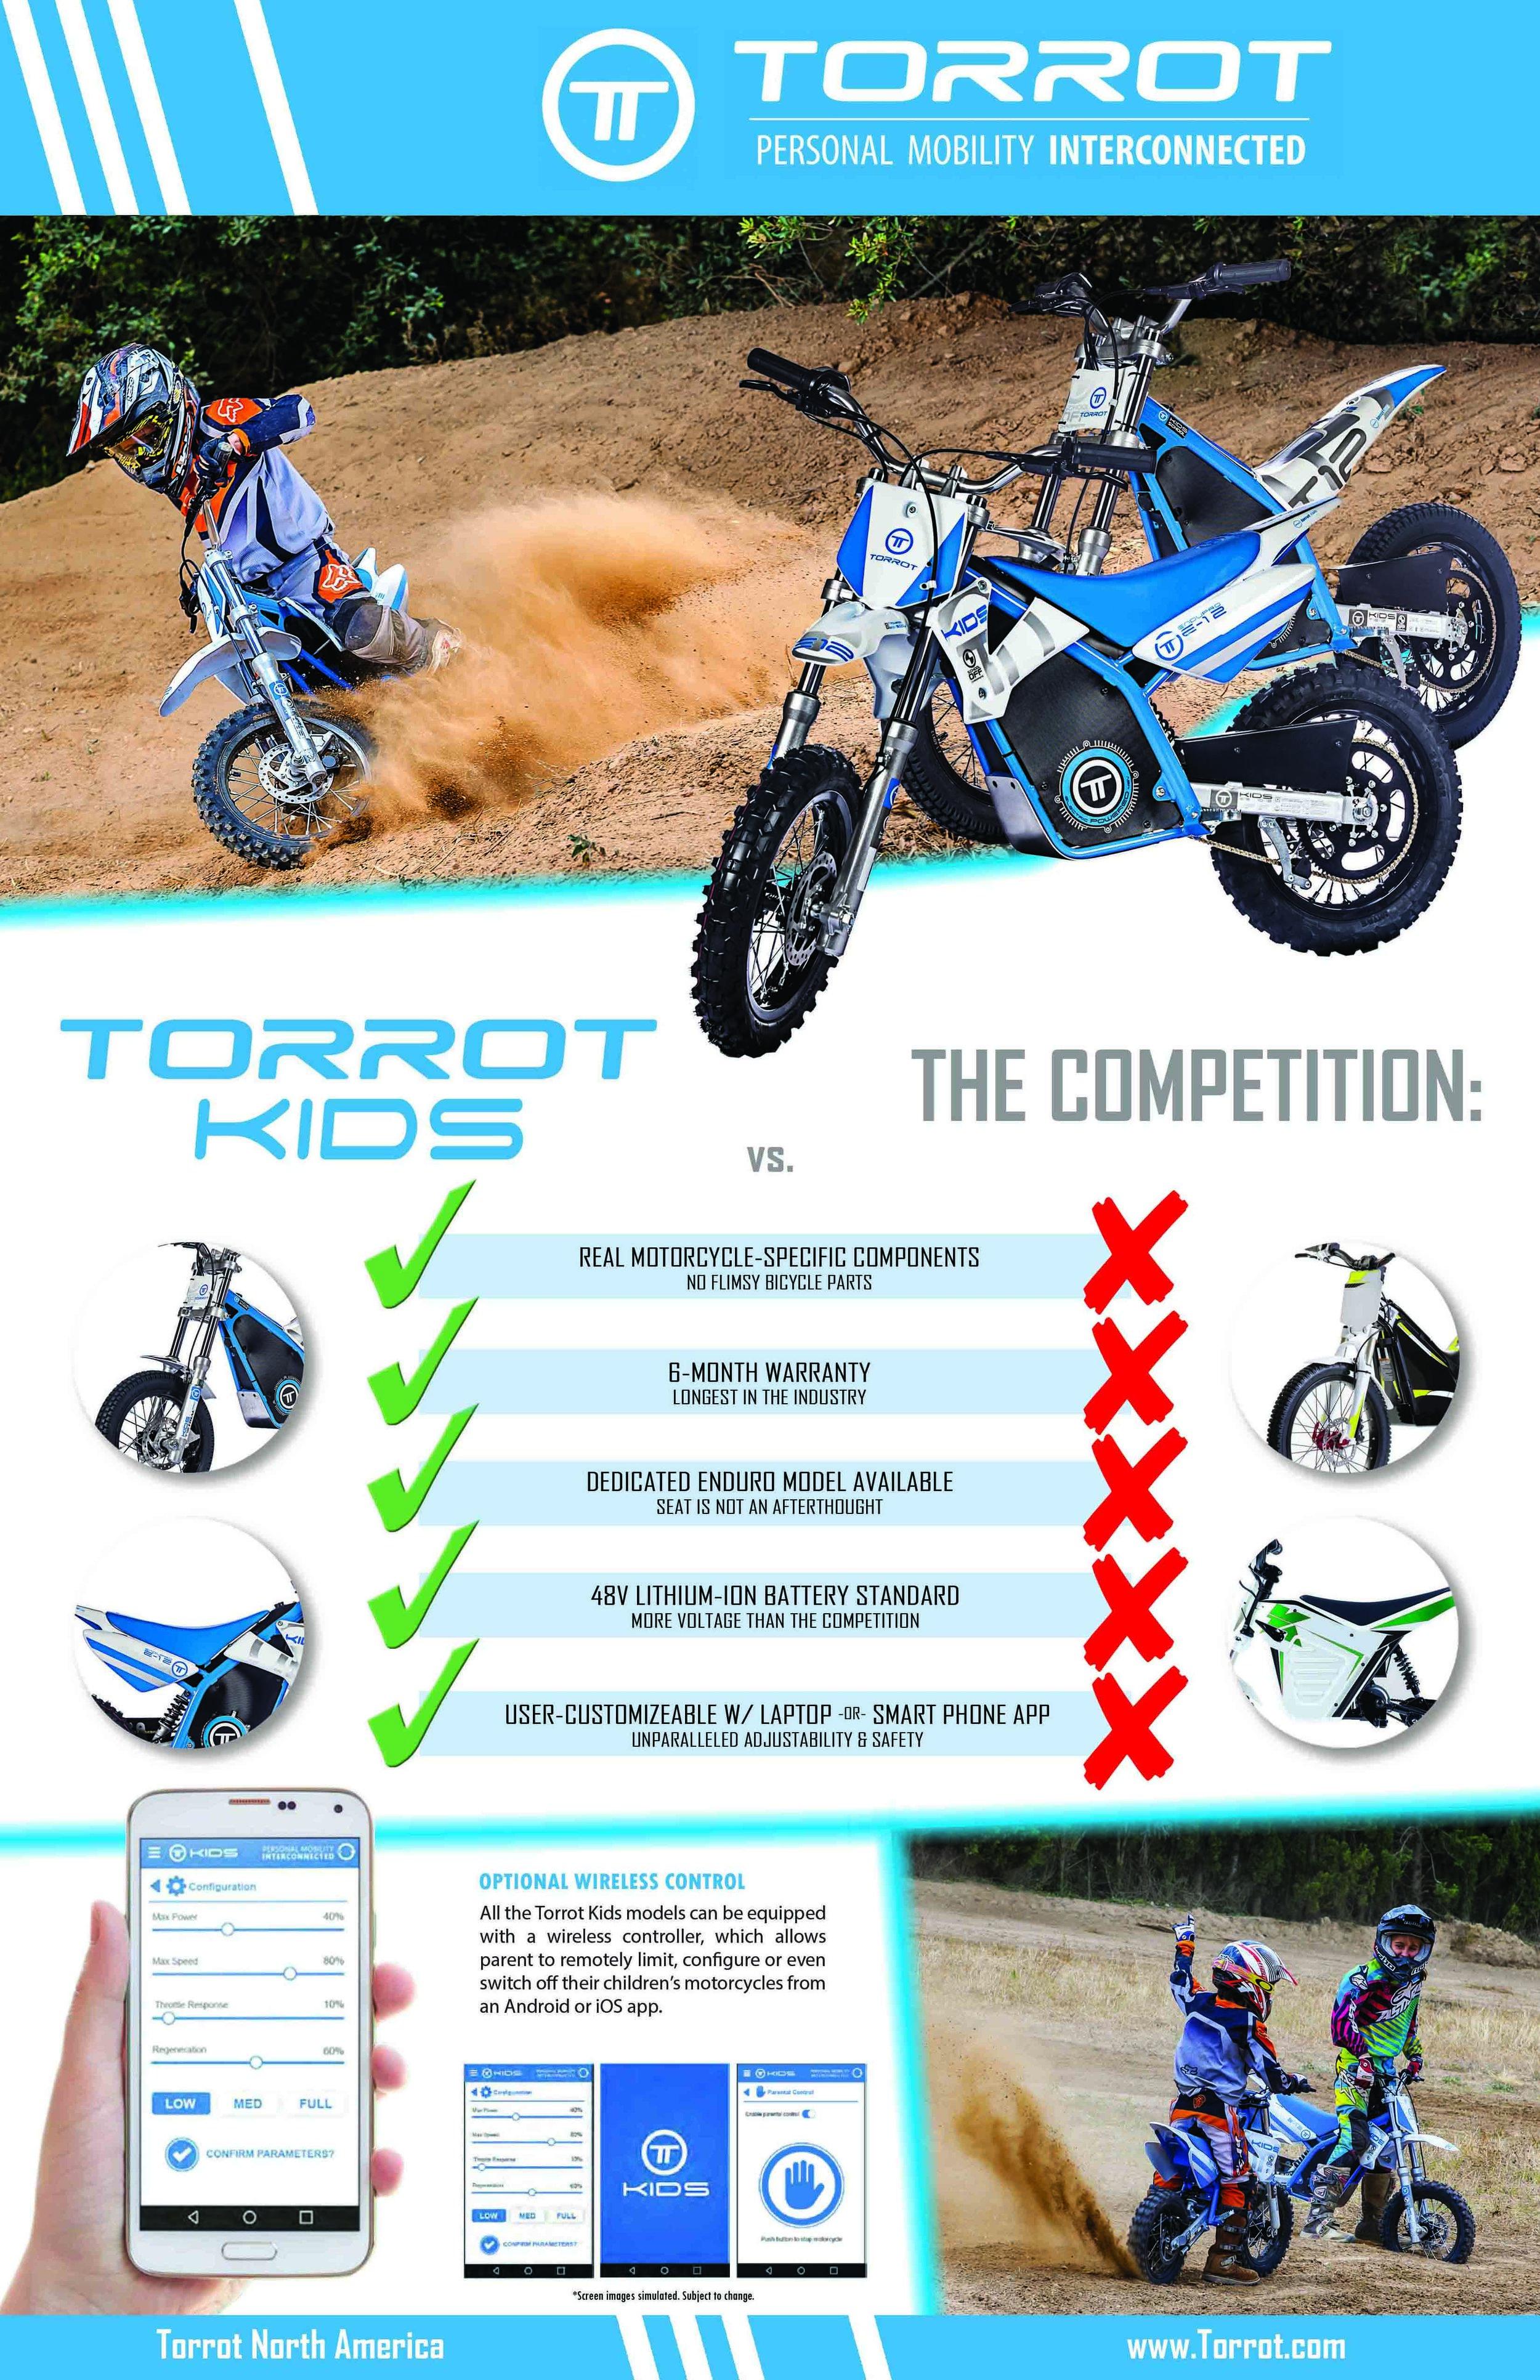 11x17 Torrot E-Kids ComparisonPromo Poster V3.jpg